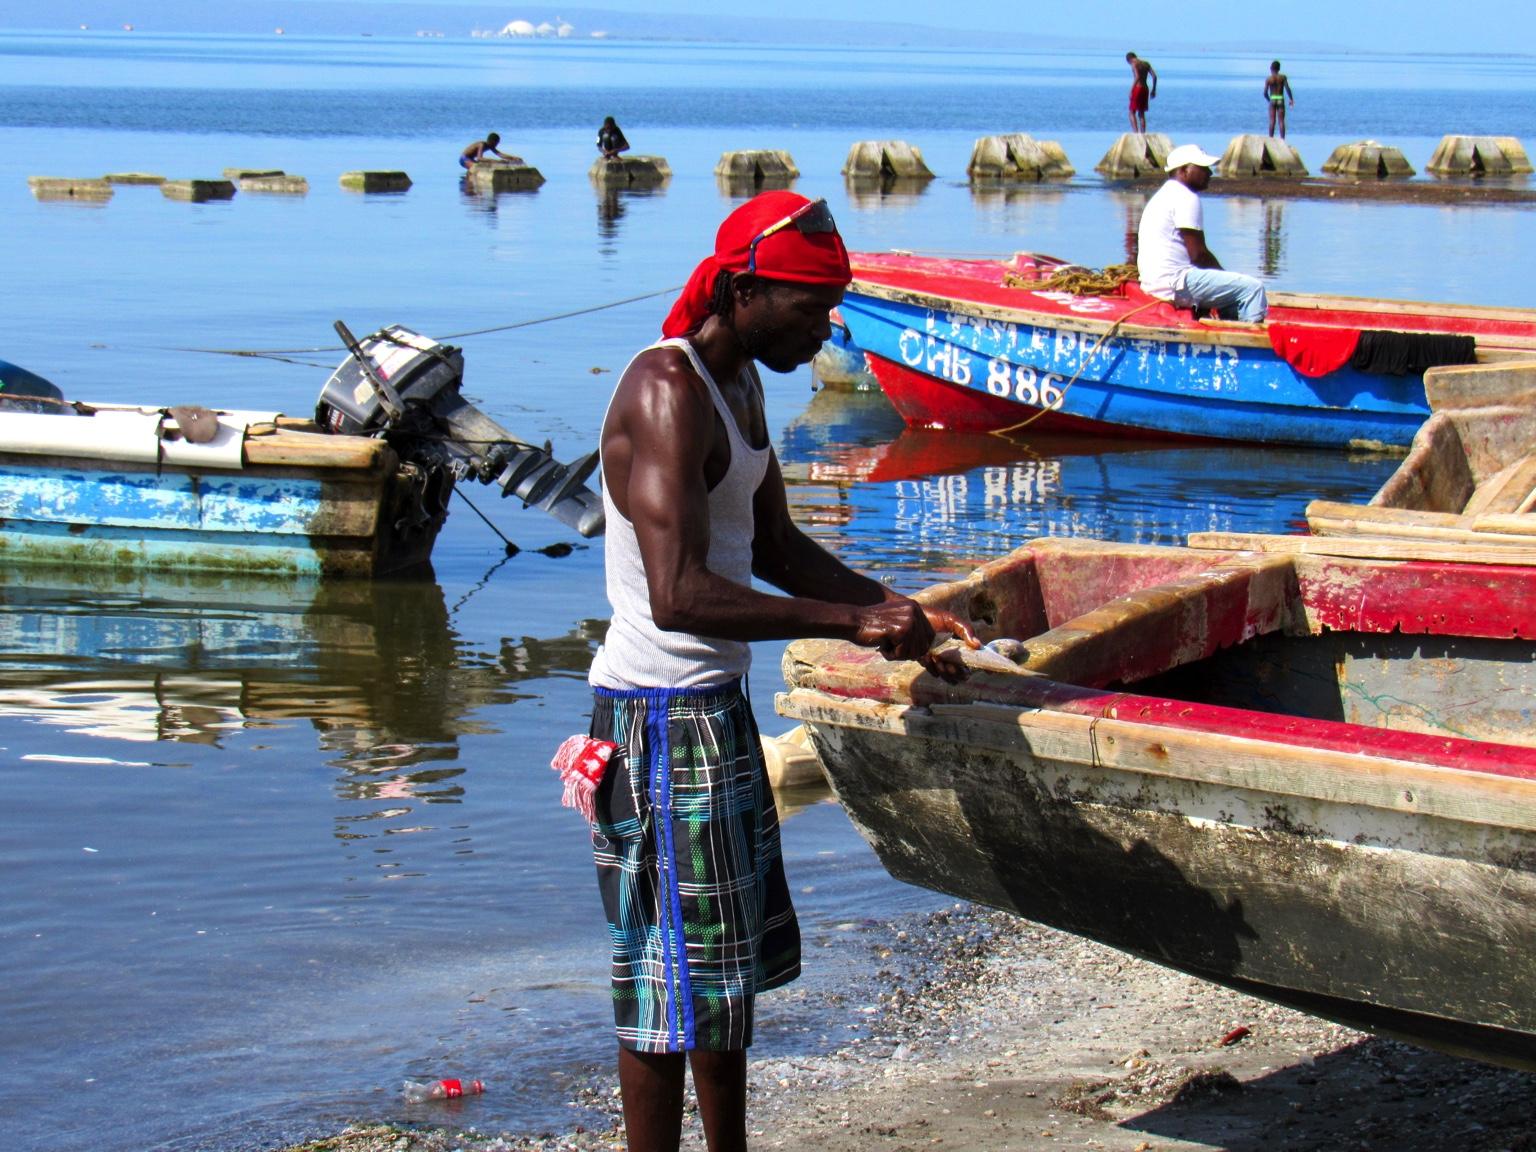 En premier plan, un pêcheur caribéen découpe un poisson sur le bord de son bâteau de pêche en bois. Une bouteille en plastique de Coca-Cola flotte derrière lui. En arrière-plan, d'autres pêcheurs dont un est assis sur sa barque colorée.